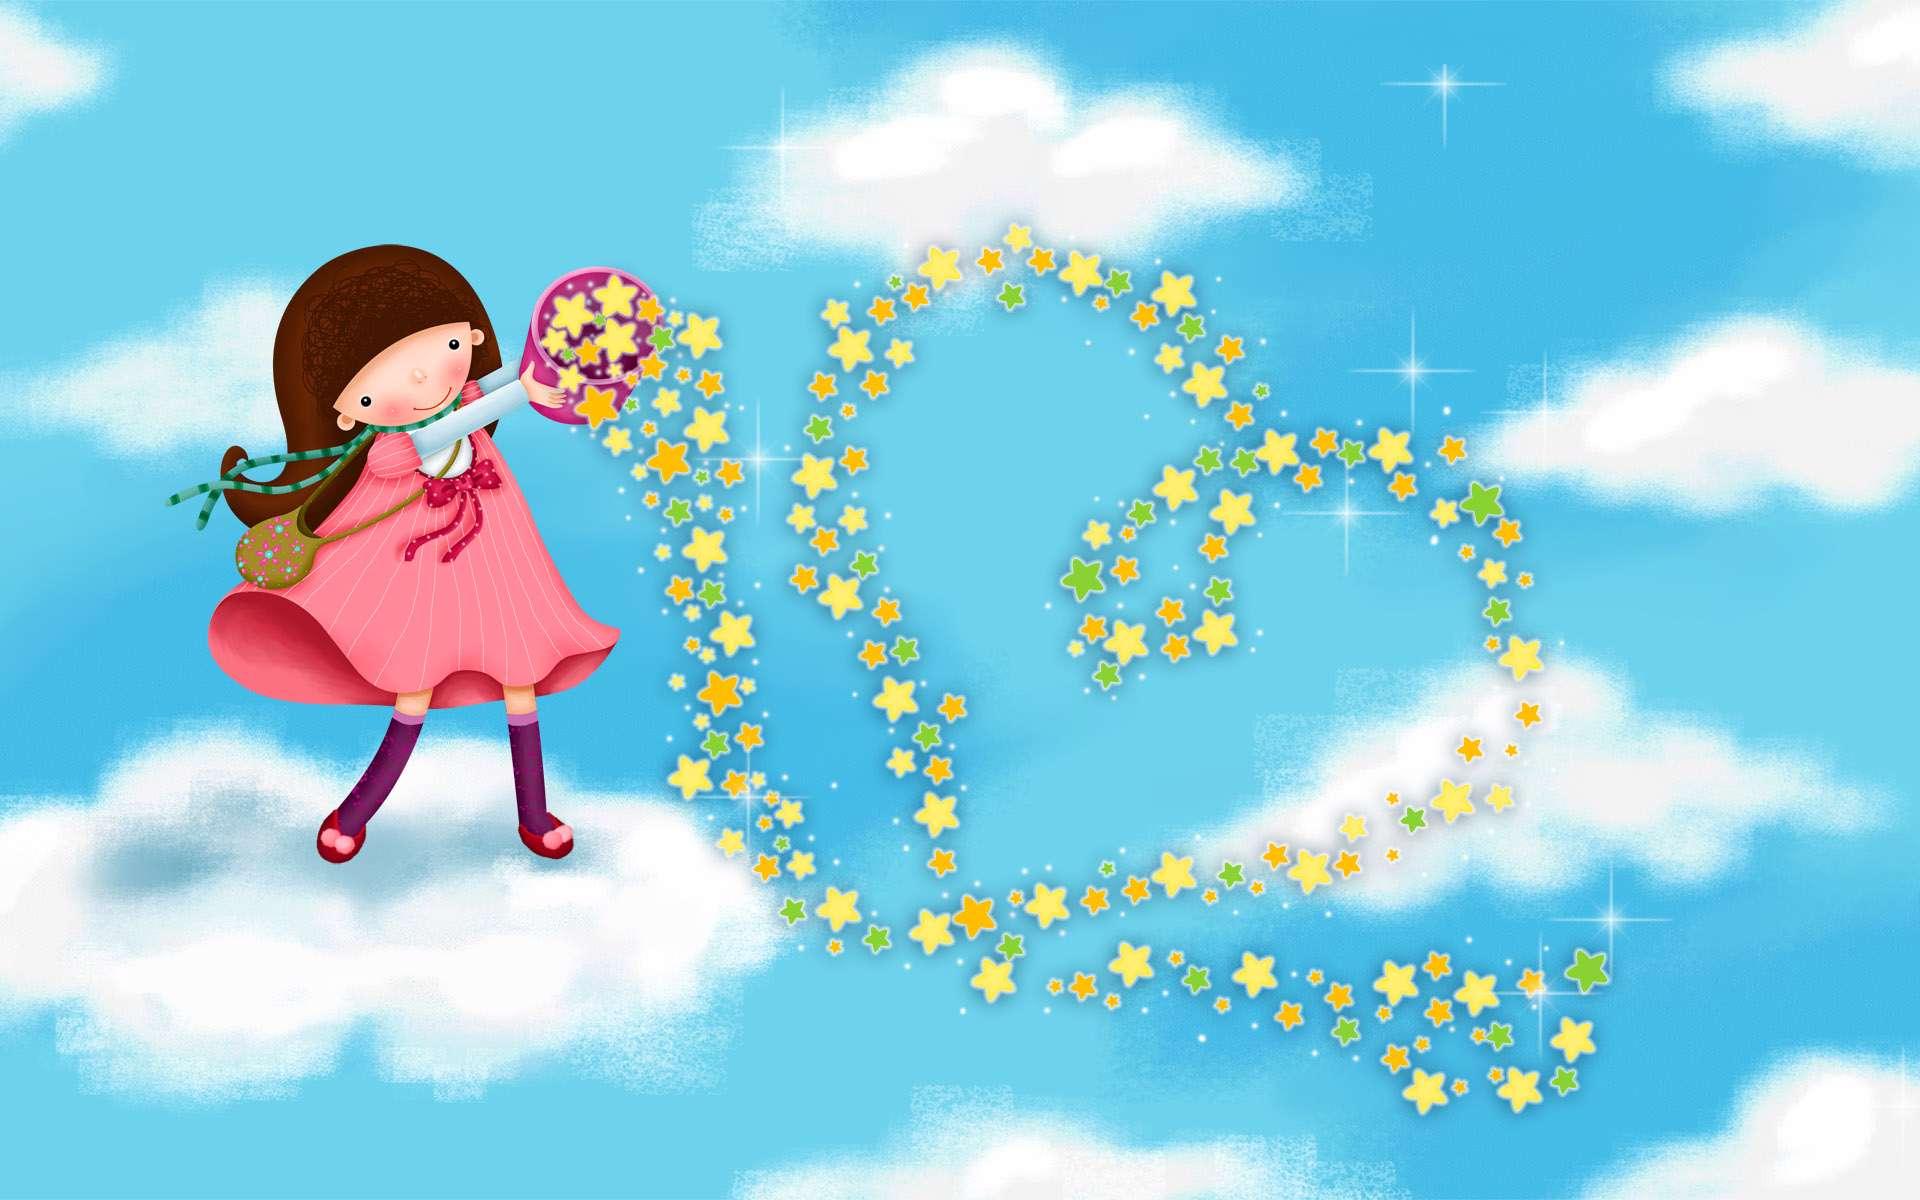 نقاشی دیجیتالی دختری در حال کشیدن قلب با ستاره های رنگی ...